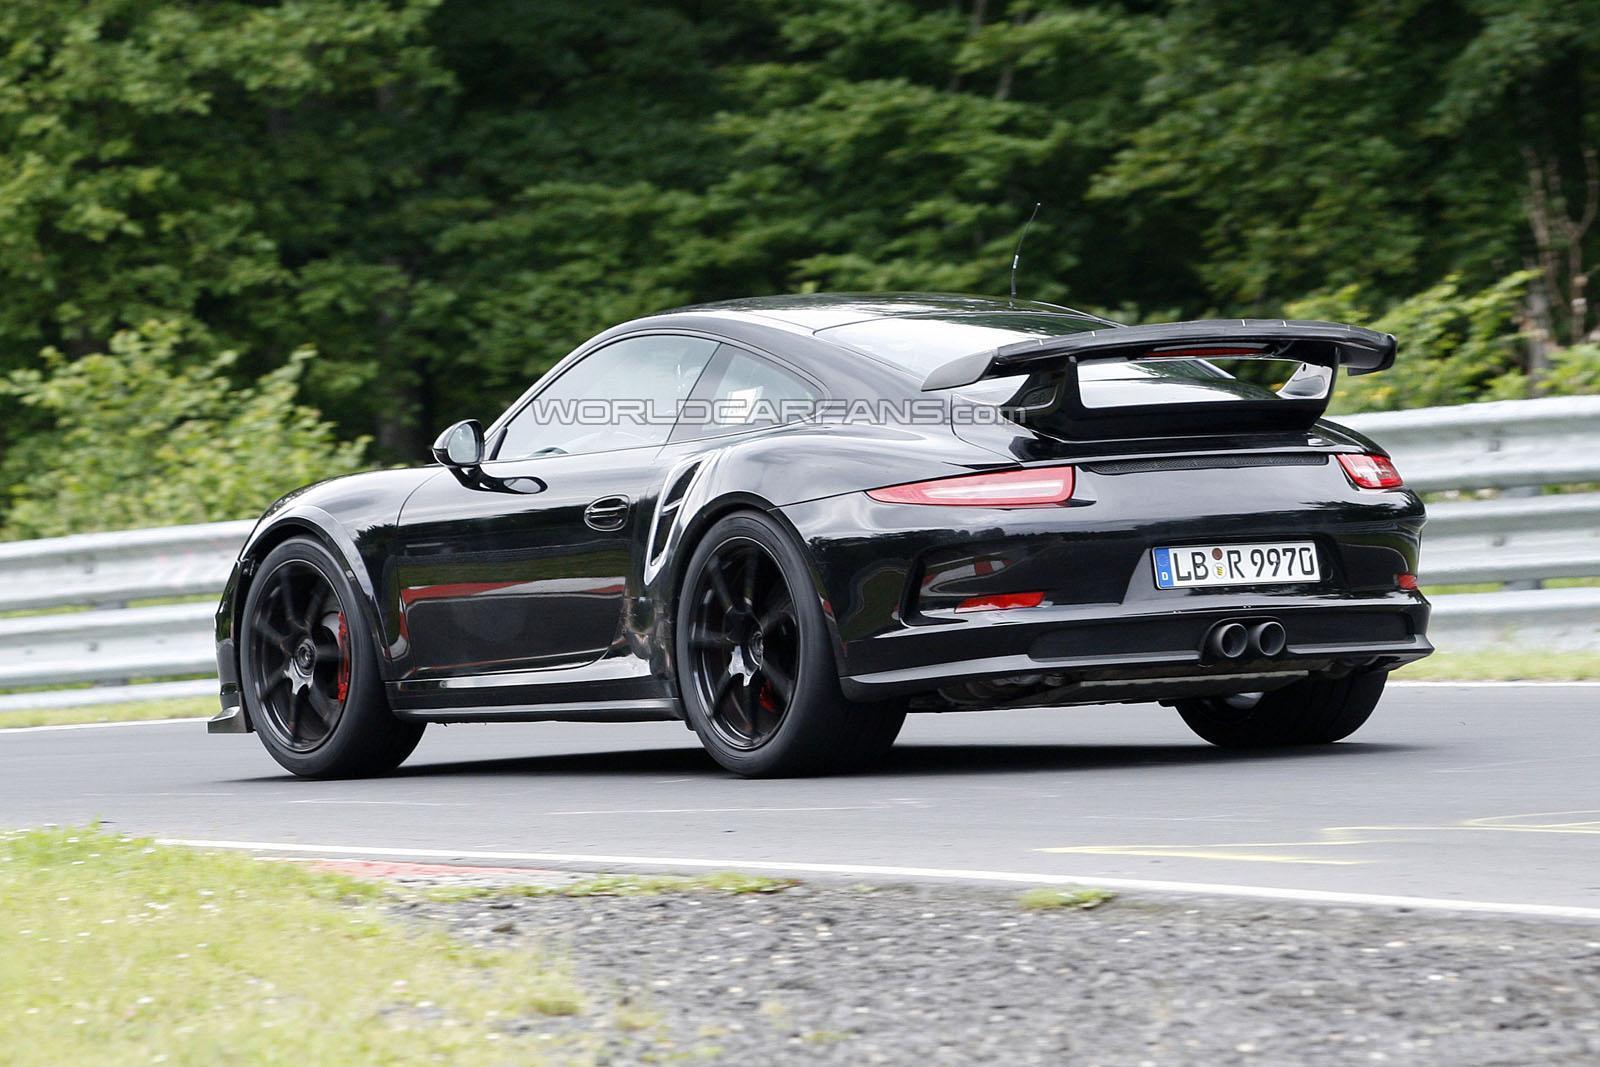 spyshots 2014 porsche 911 gt2 on the ring - 911 Porsche Turbo 2014